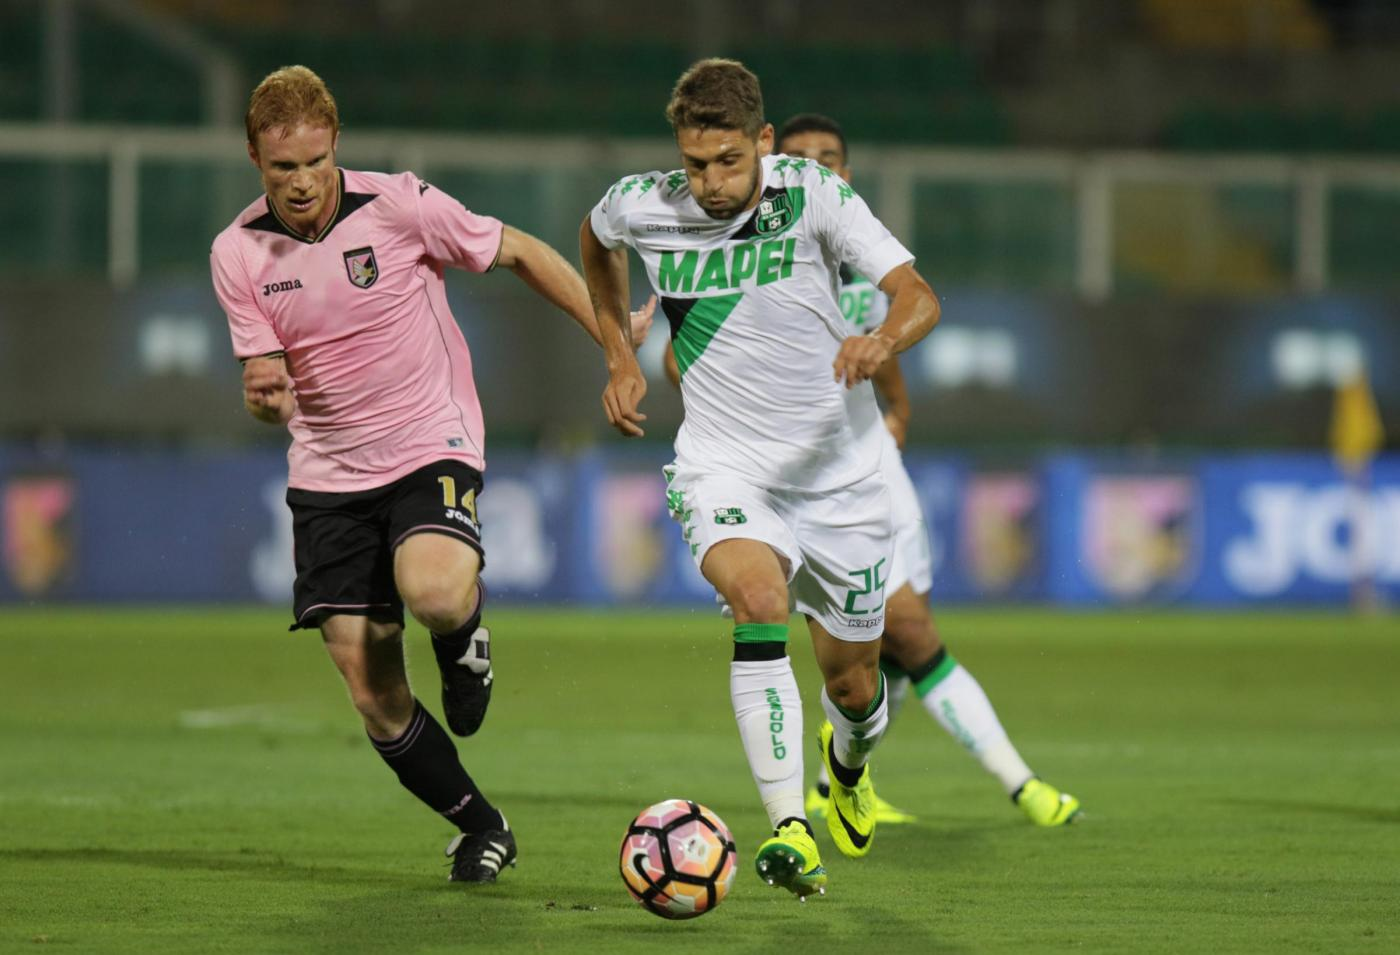 Il Sassuolo vola con Berardi: Palermo ko